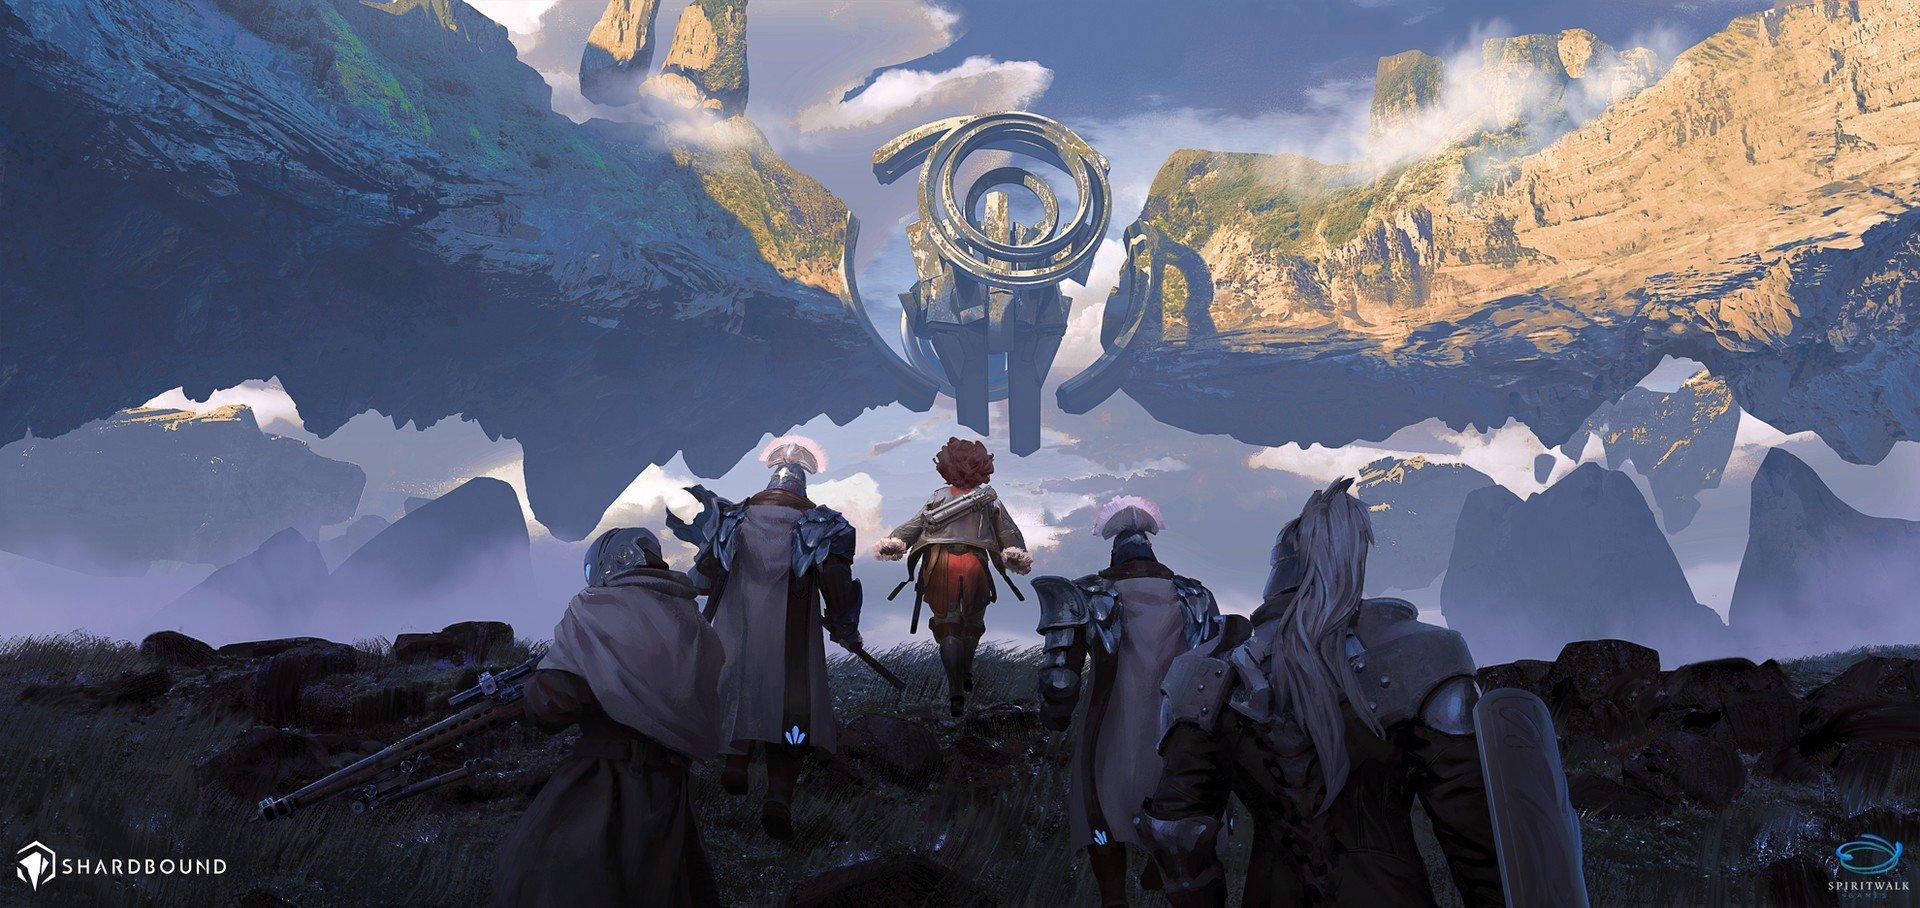 fantasy art, Futuristic Wallpaper